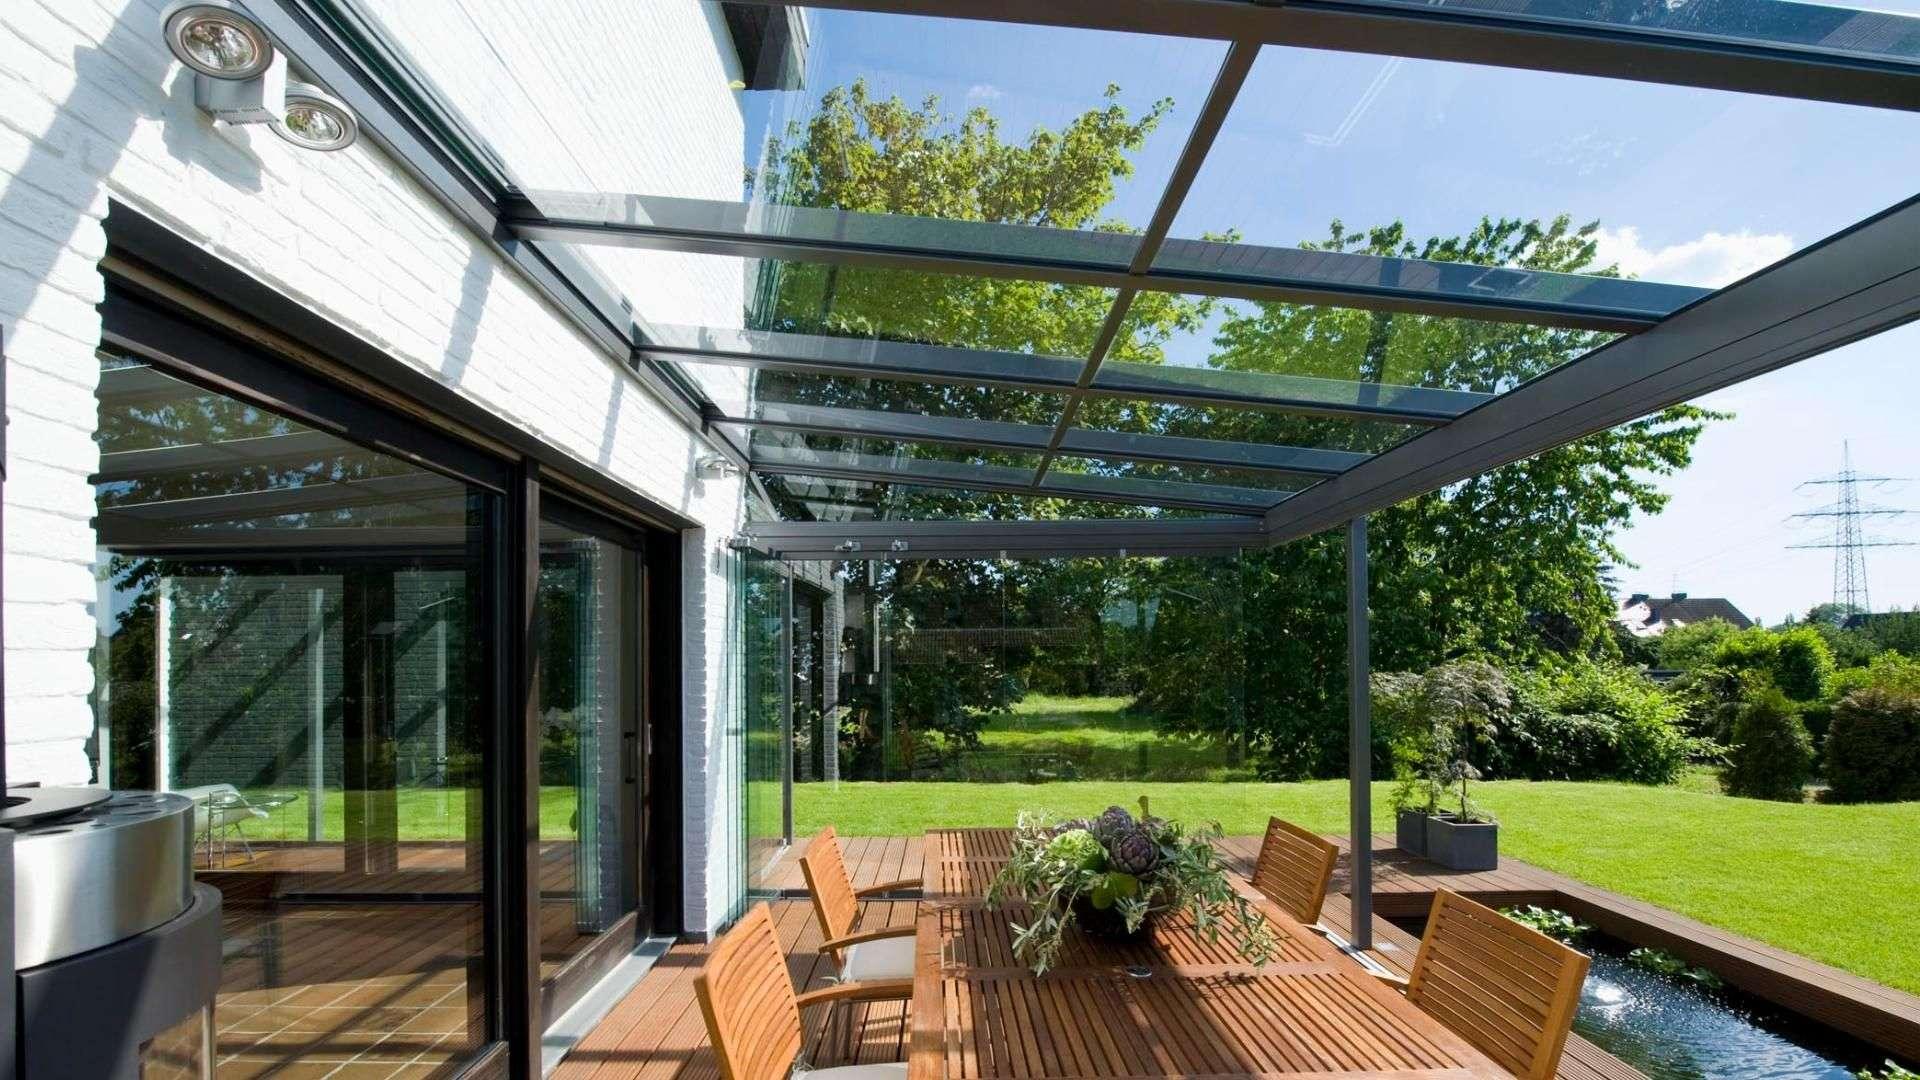 Innenansicht eines Terrassendaches mit Esstisch